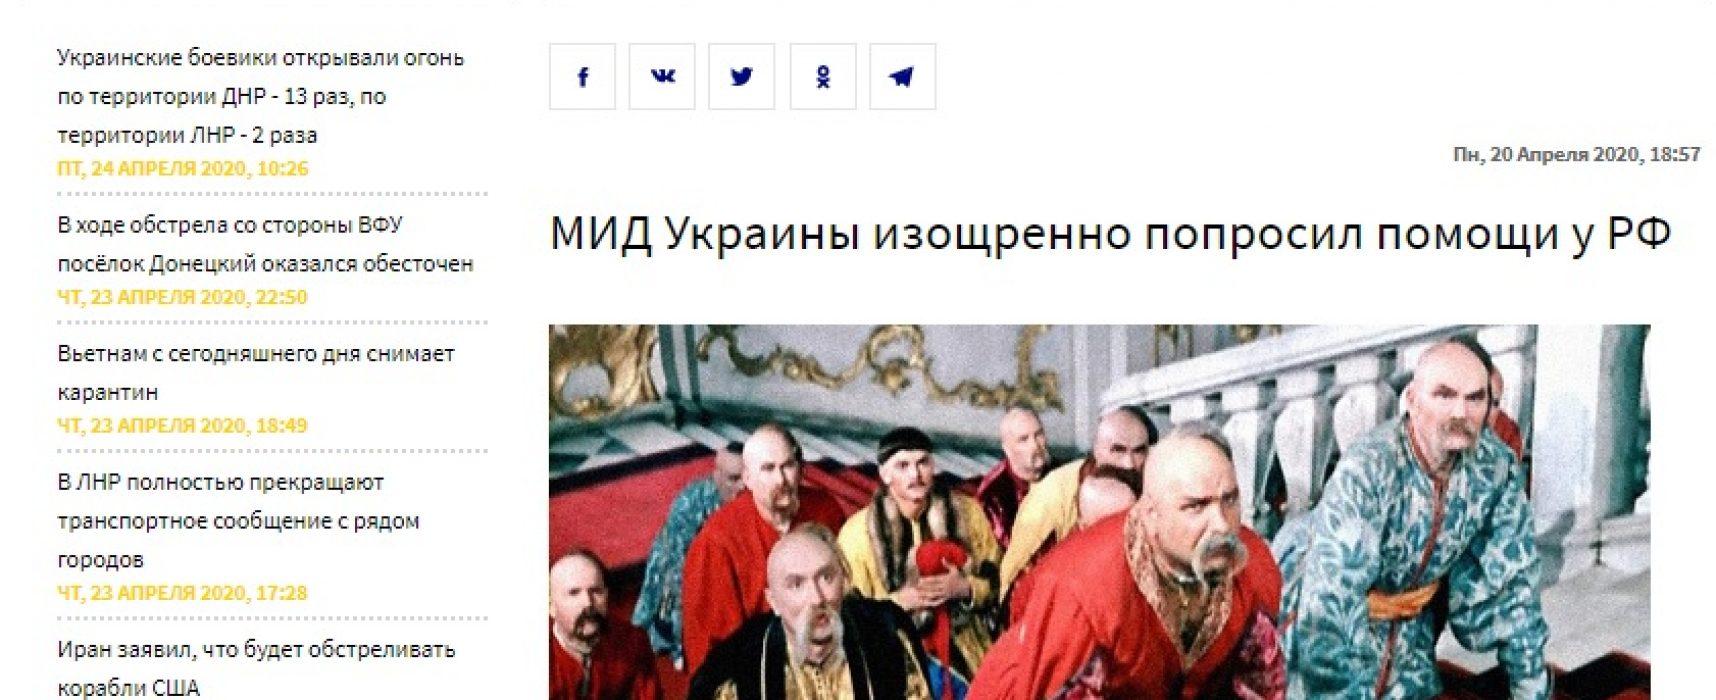 Фейк: МЗС України просить допомоги у Росії, але робить це «завуальовано»